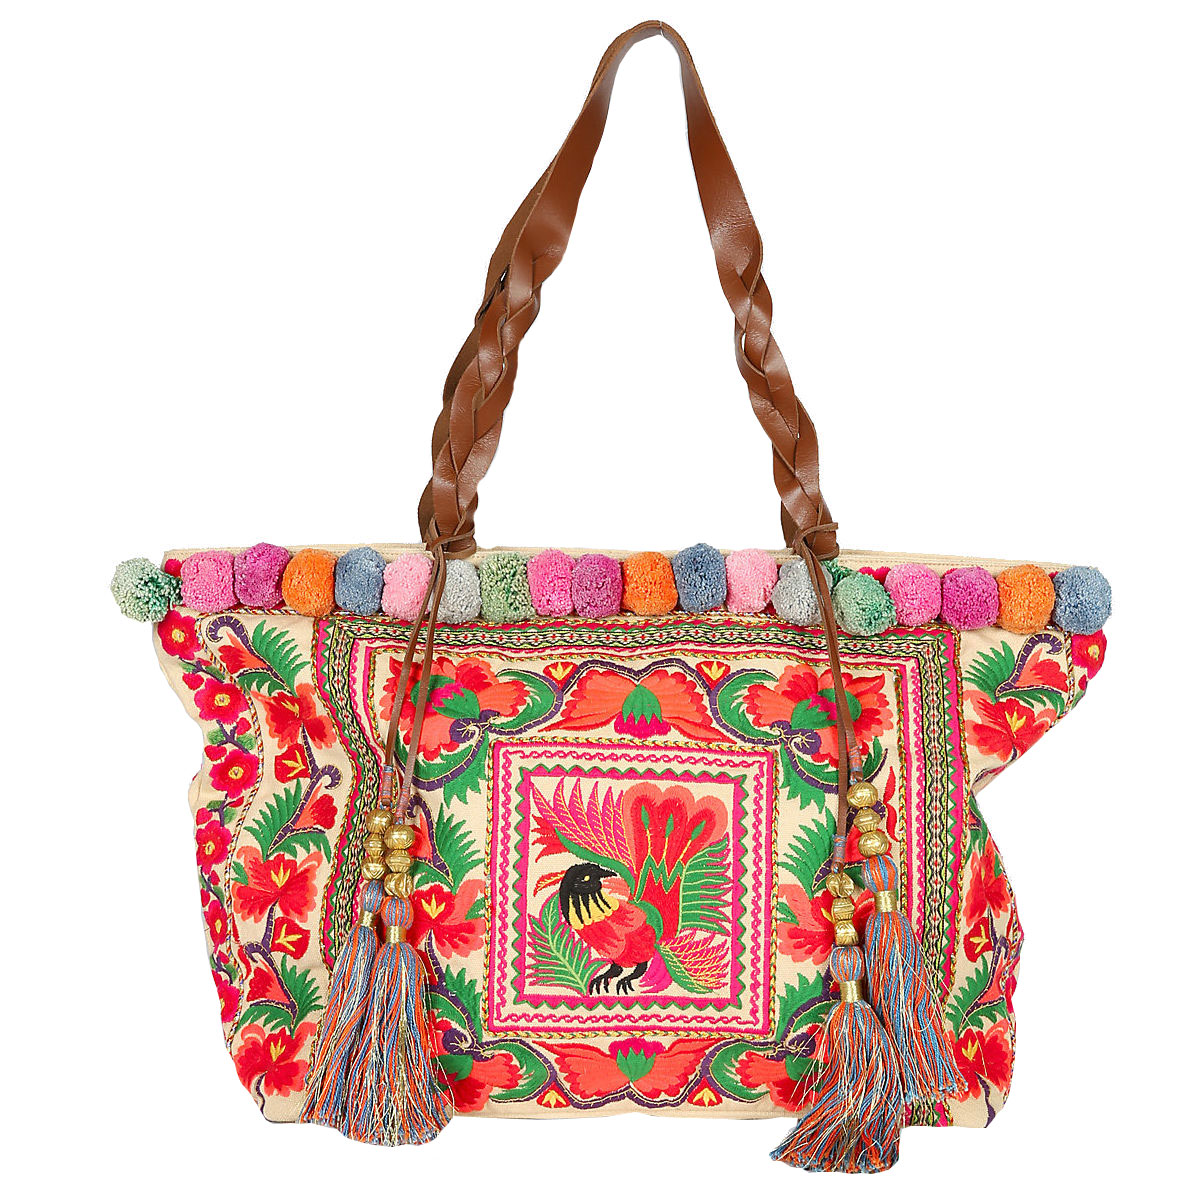 Floral embroidered shopper bag, £39, Marks & Spencer